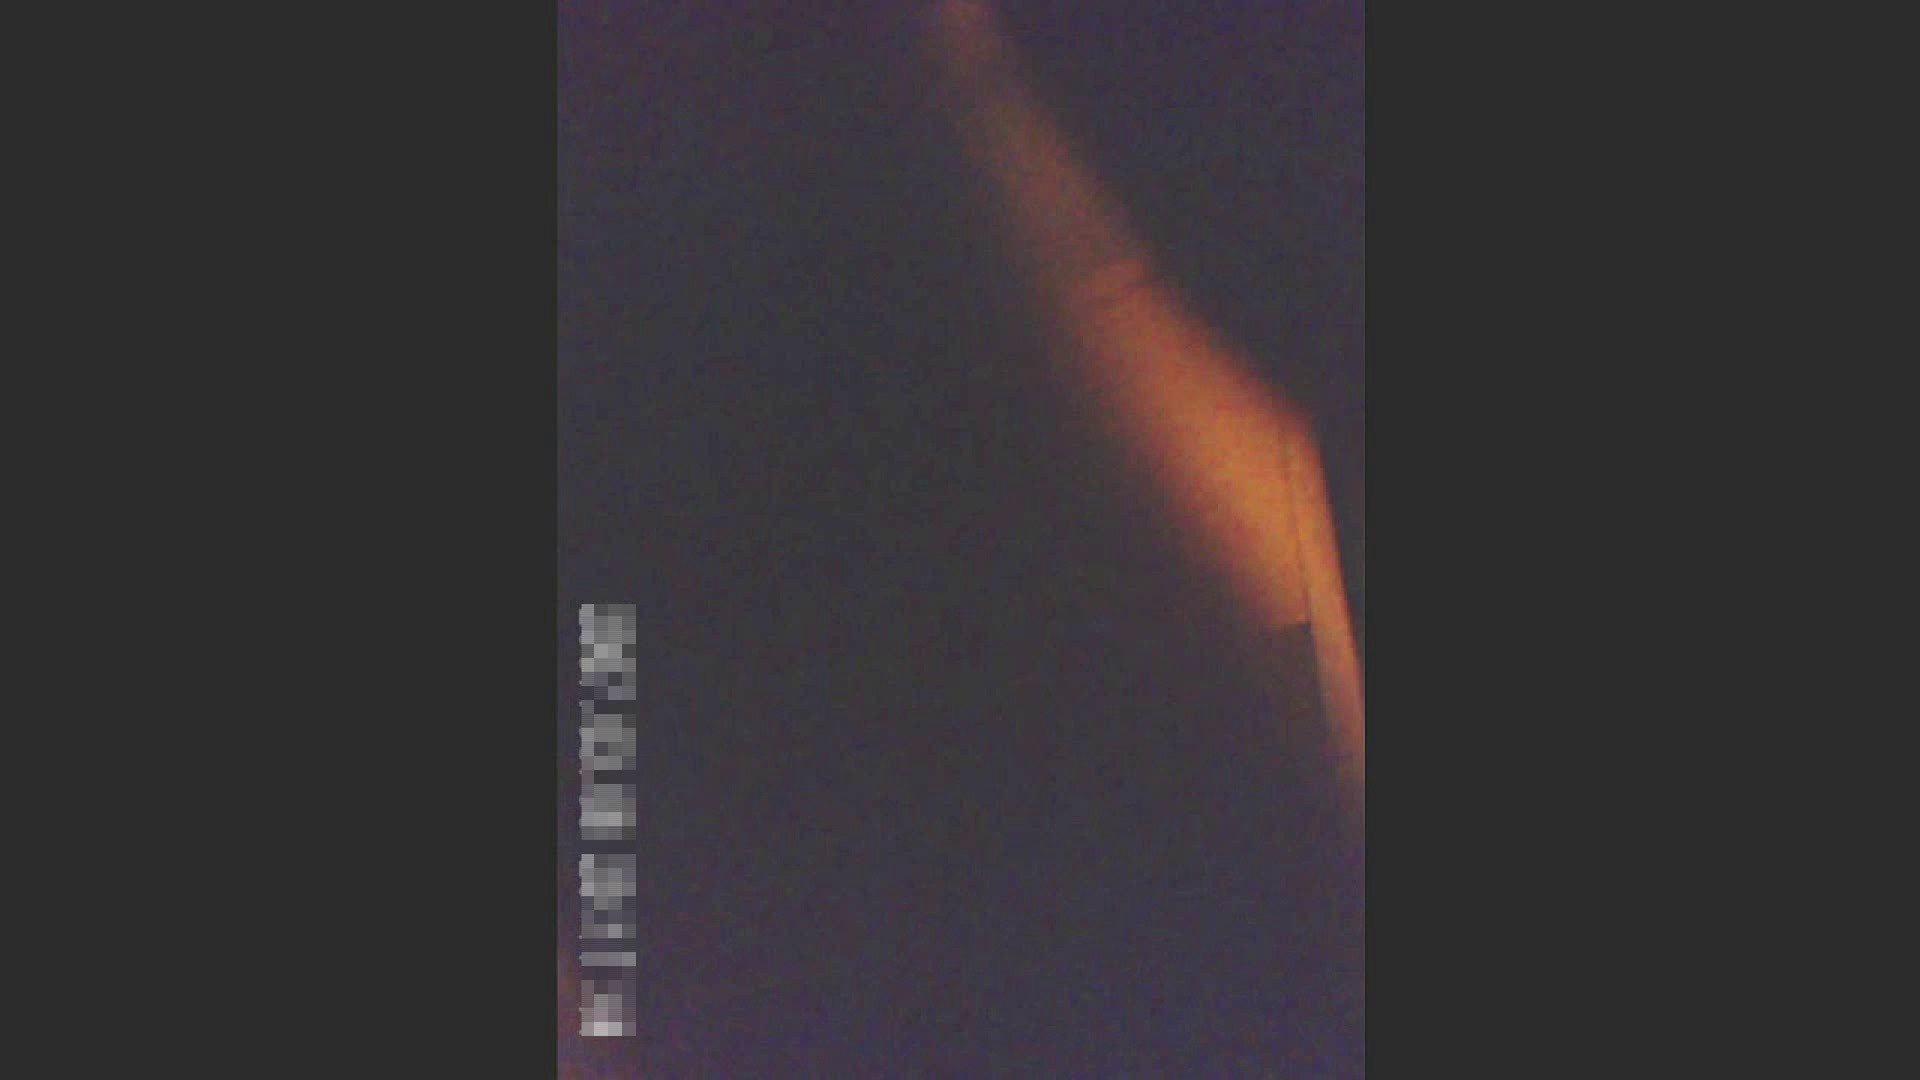 ▲復活限定D▲バトミントン部 みさこ  Vol.14 脱衣編 細身・スレンダー おまんこ無修正動画無料 49画像 10